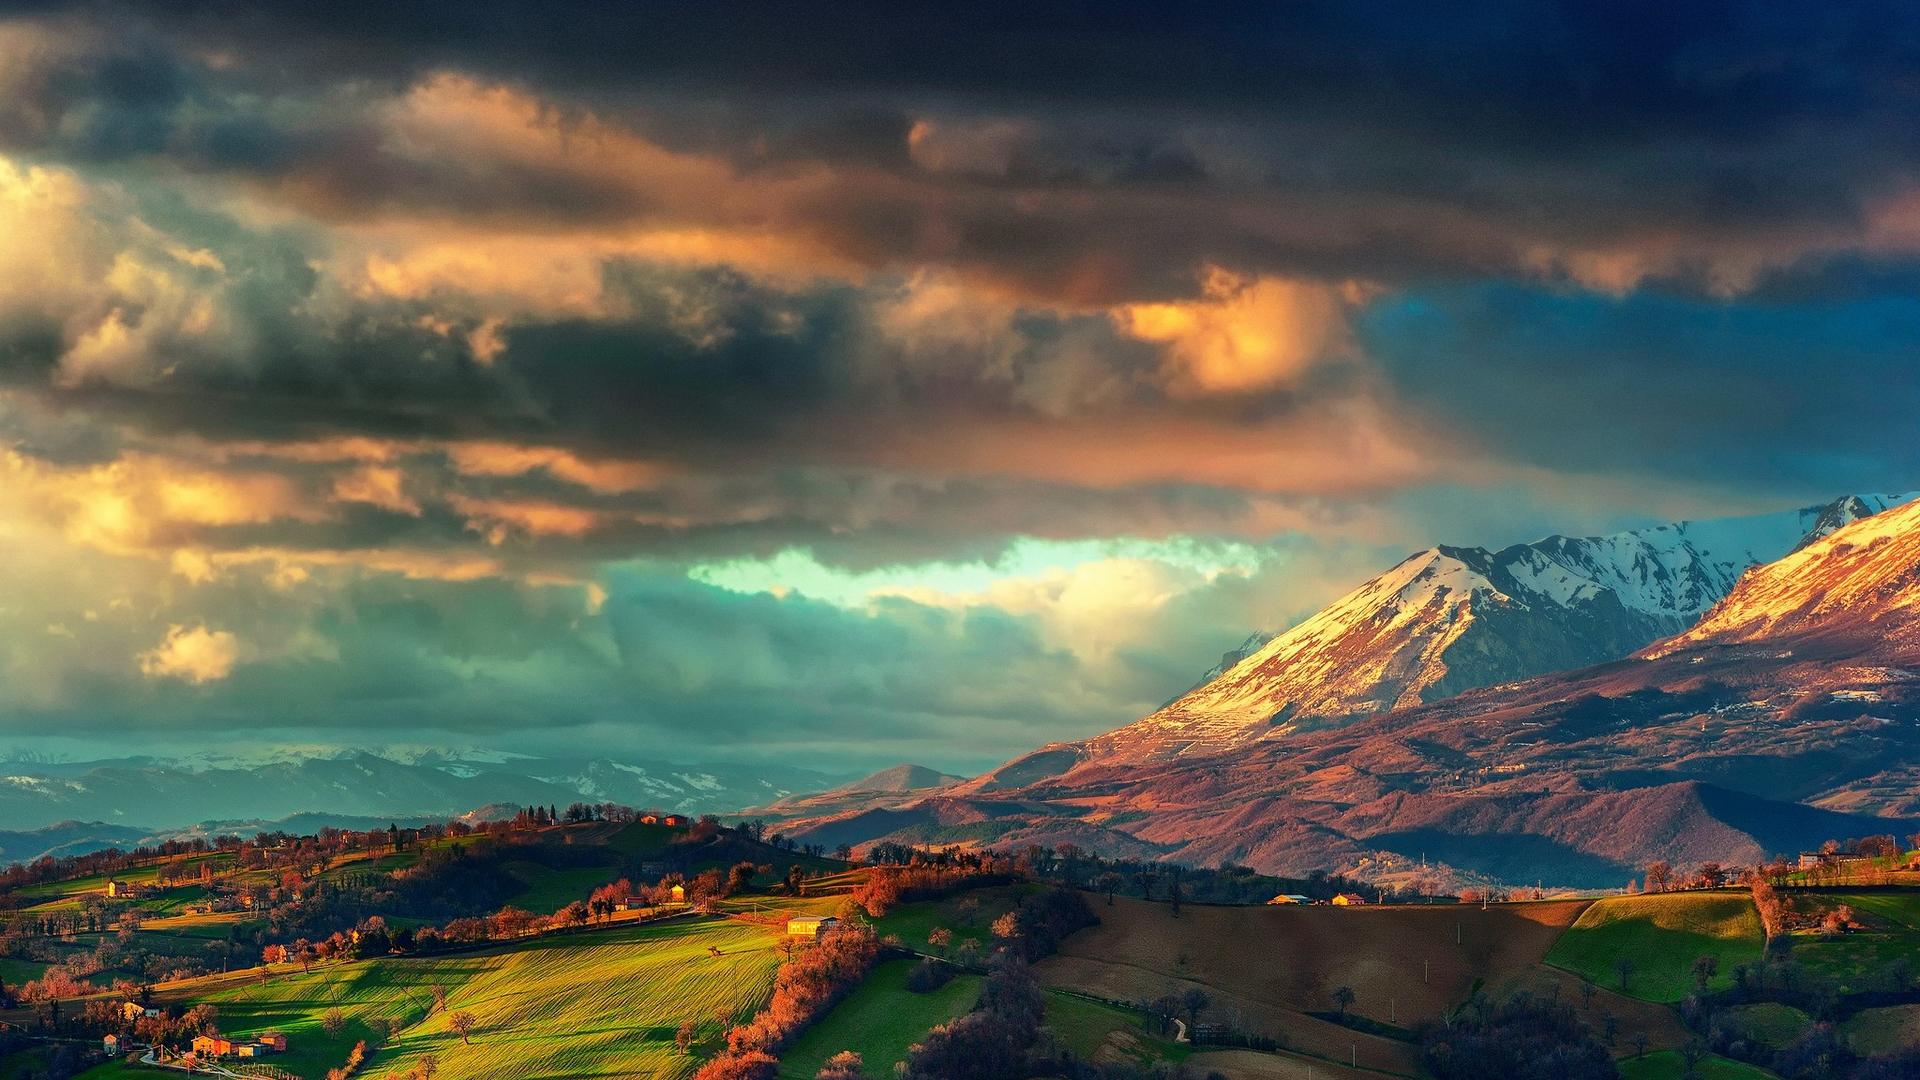 HD Wallpaper Landscape